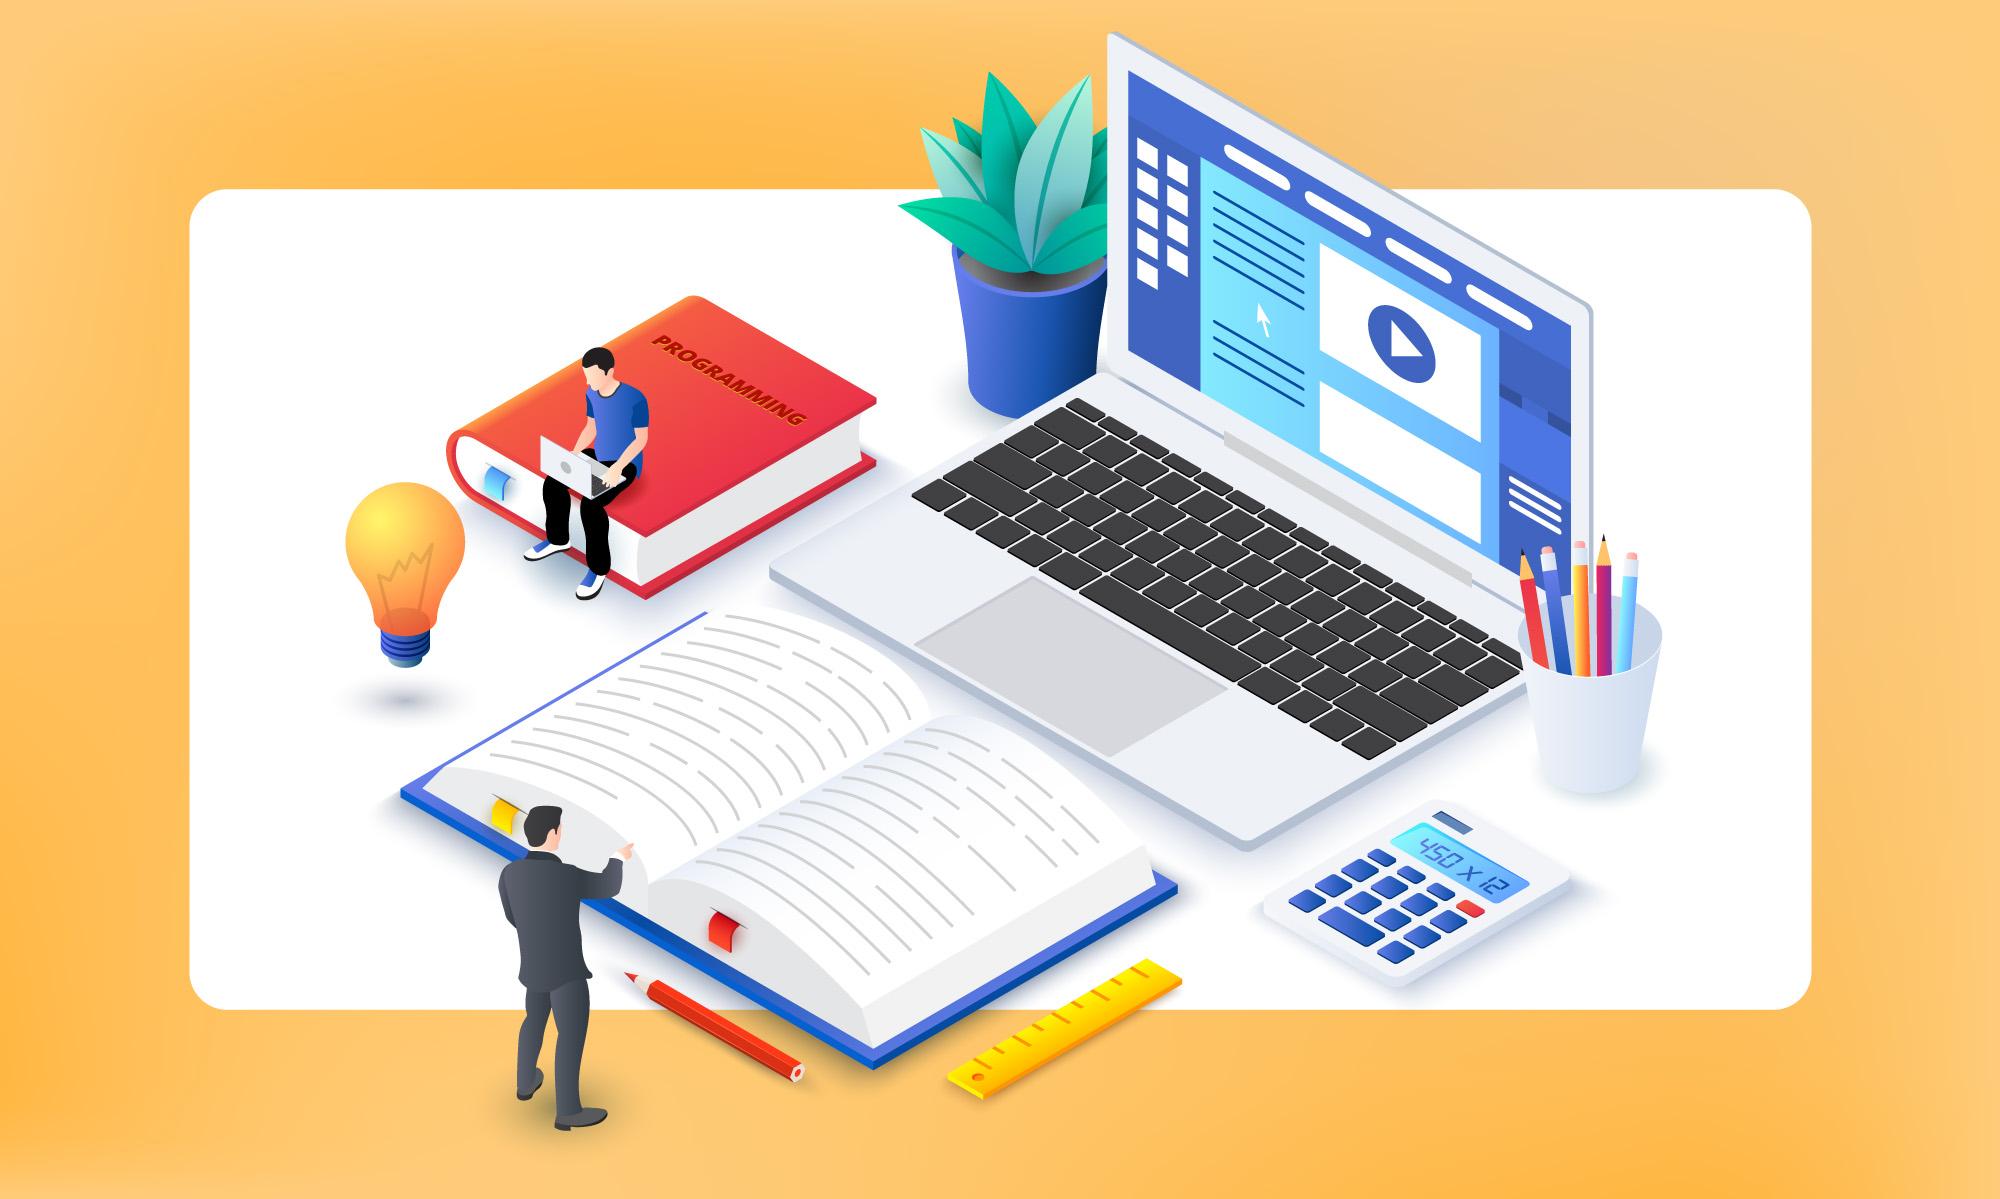 オンラインでキャリアコンサルタント養成講座を!~「学び」の実現に向けて経験したこととは?(その1)